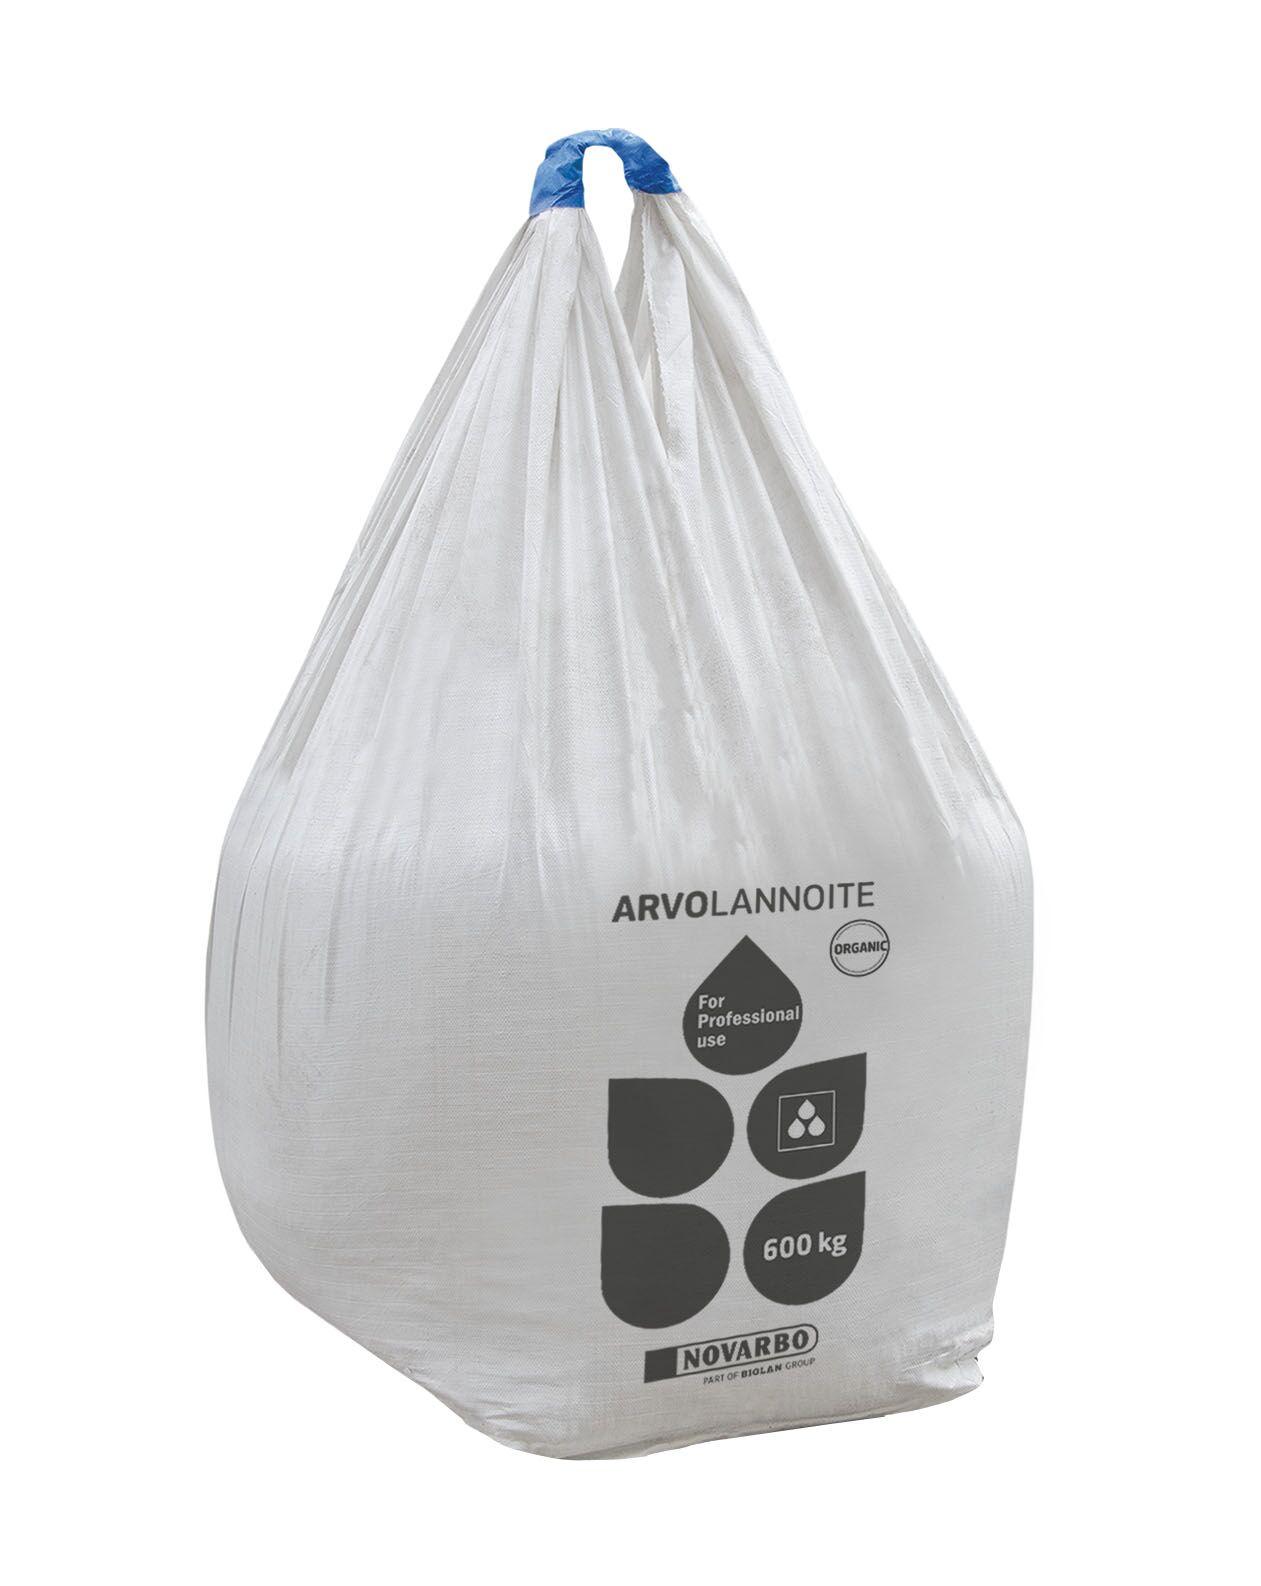 Arvo luomulannoite 13-0-8-3 600kg säkki